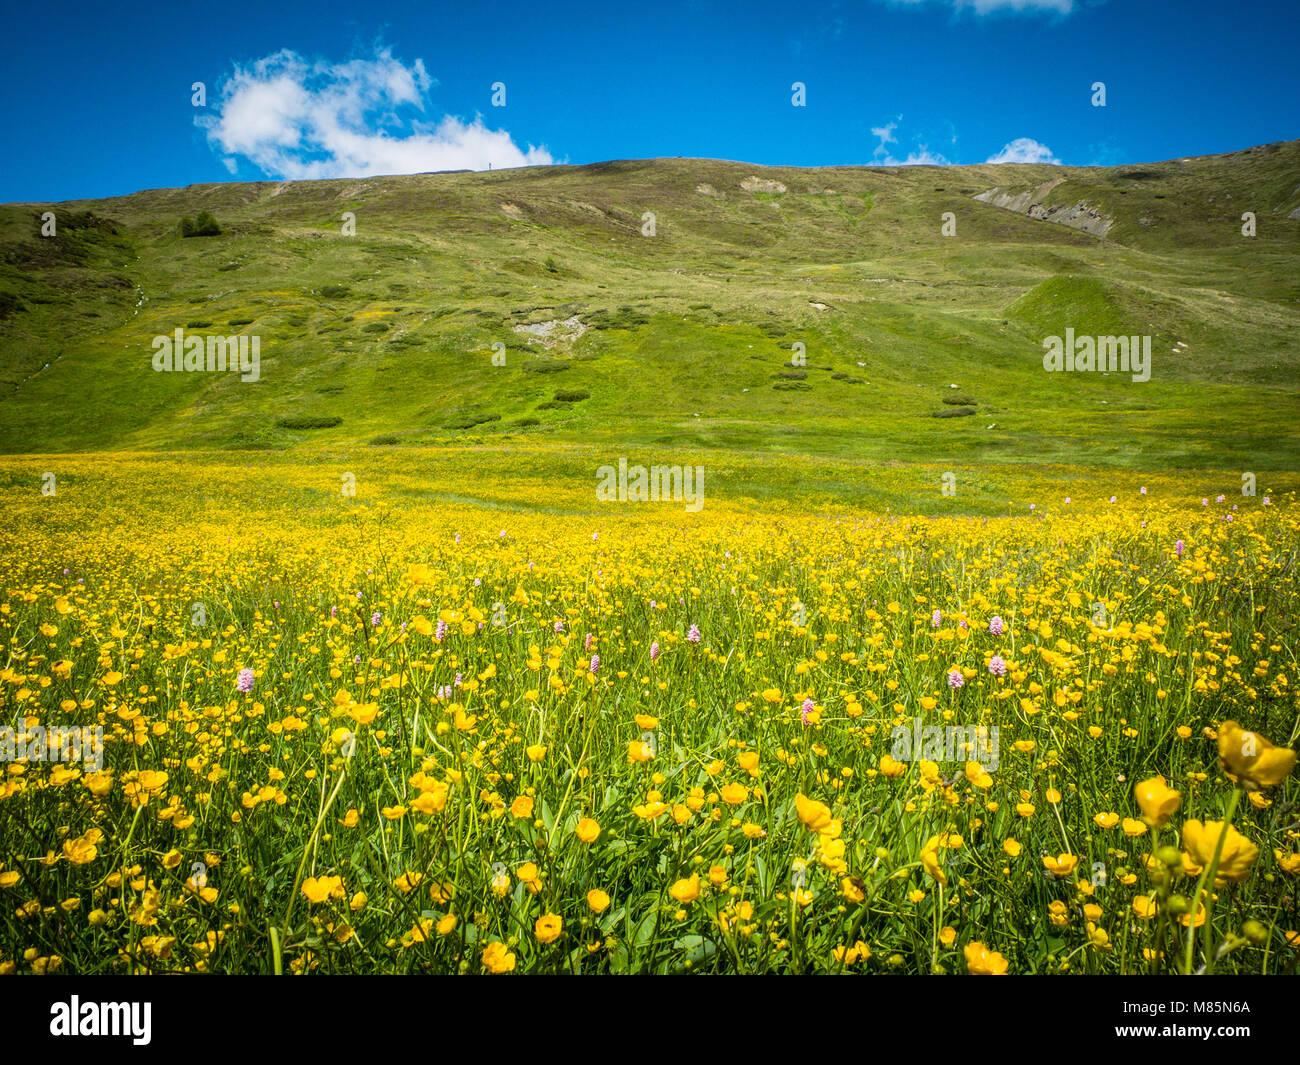 Fiori Gialli Botton Doro.Campo In Montagna Con Fiori Di Colore Giallo Botton D Oro Il Cielo